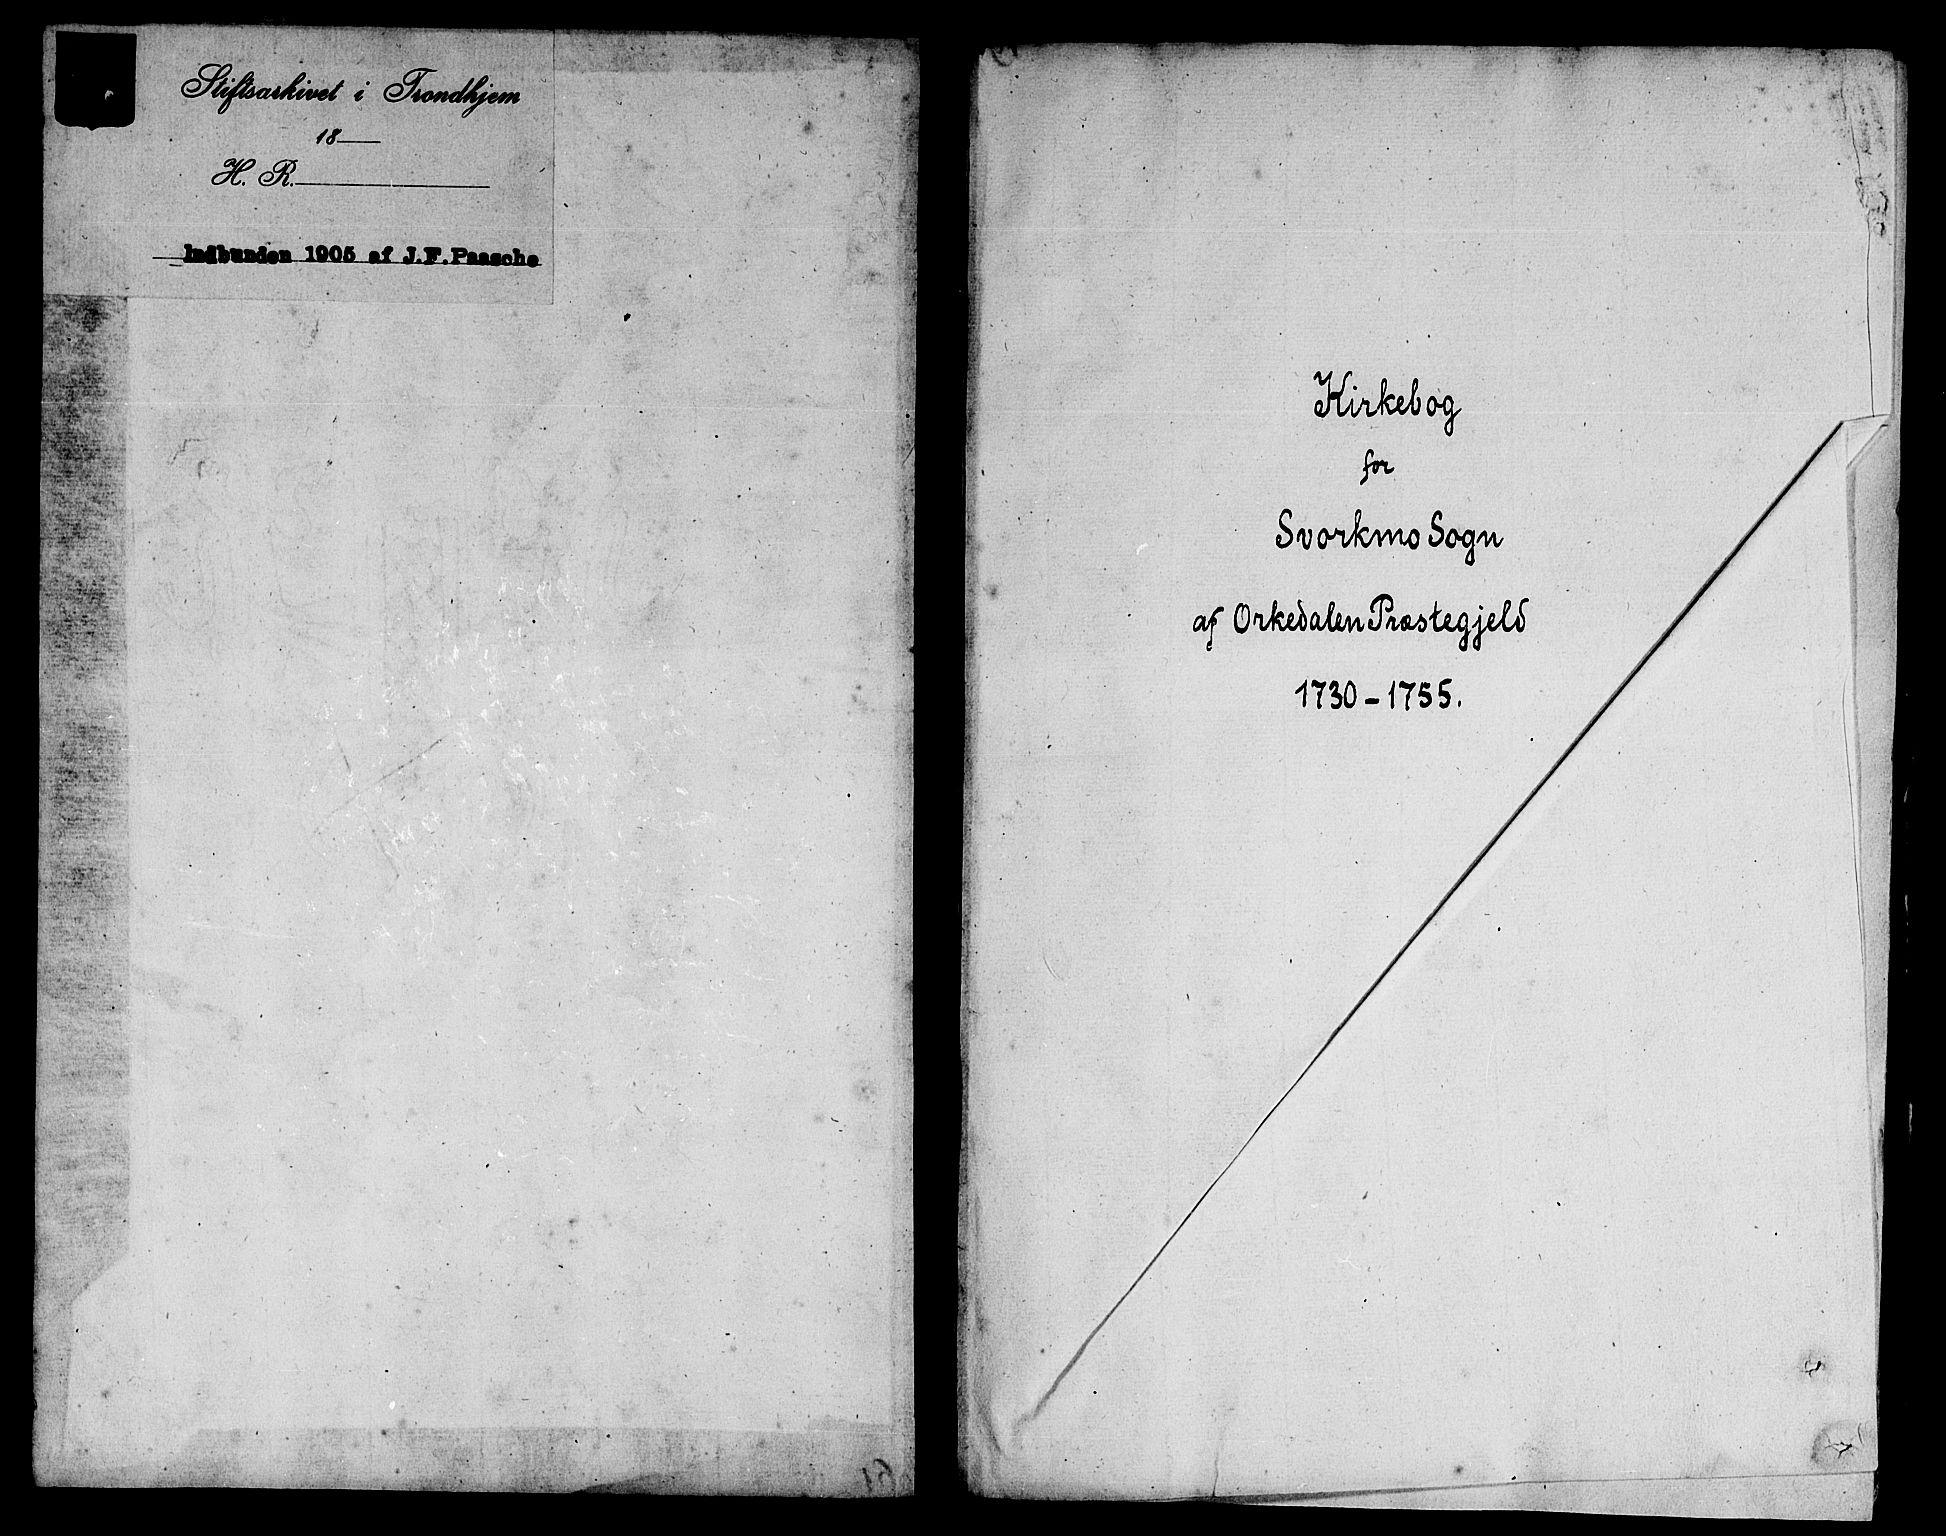 SAT, Ministerialprotokoller, klokkerbøker og fødselsregistre - Sør-Trøndelag, 671/L0839: Ministerialbok nr. 671A01, 1730-1755